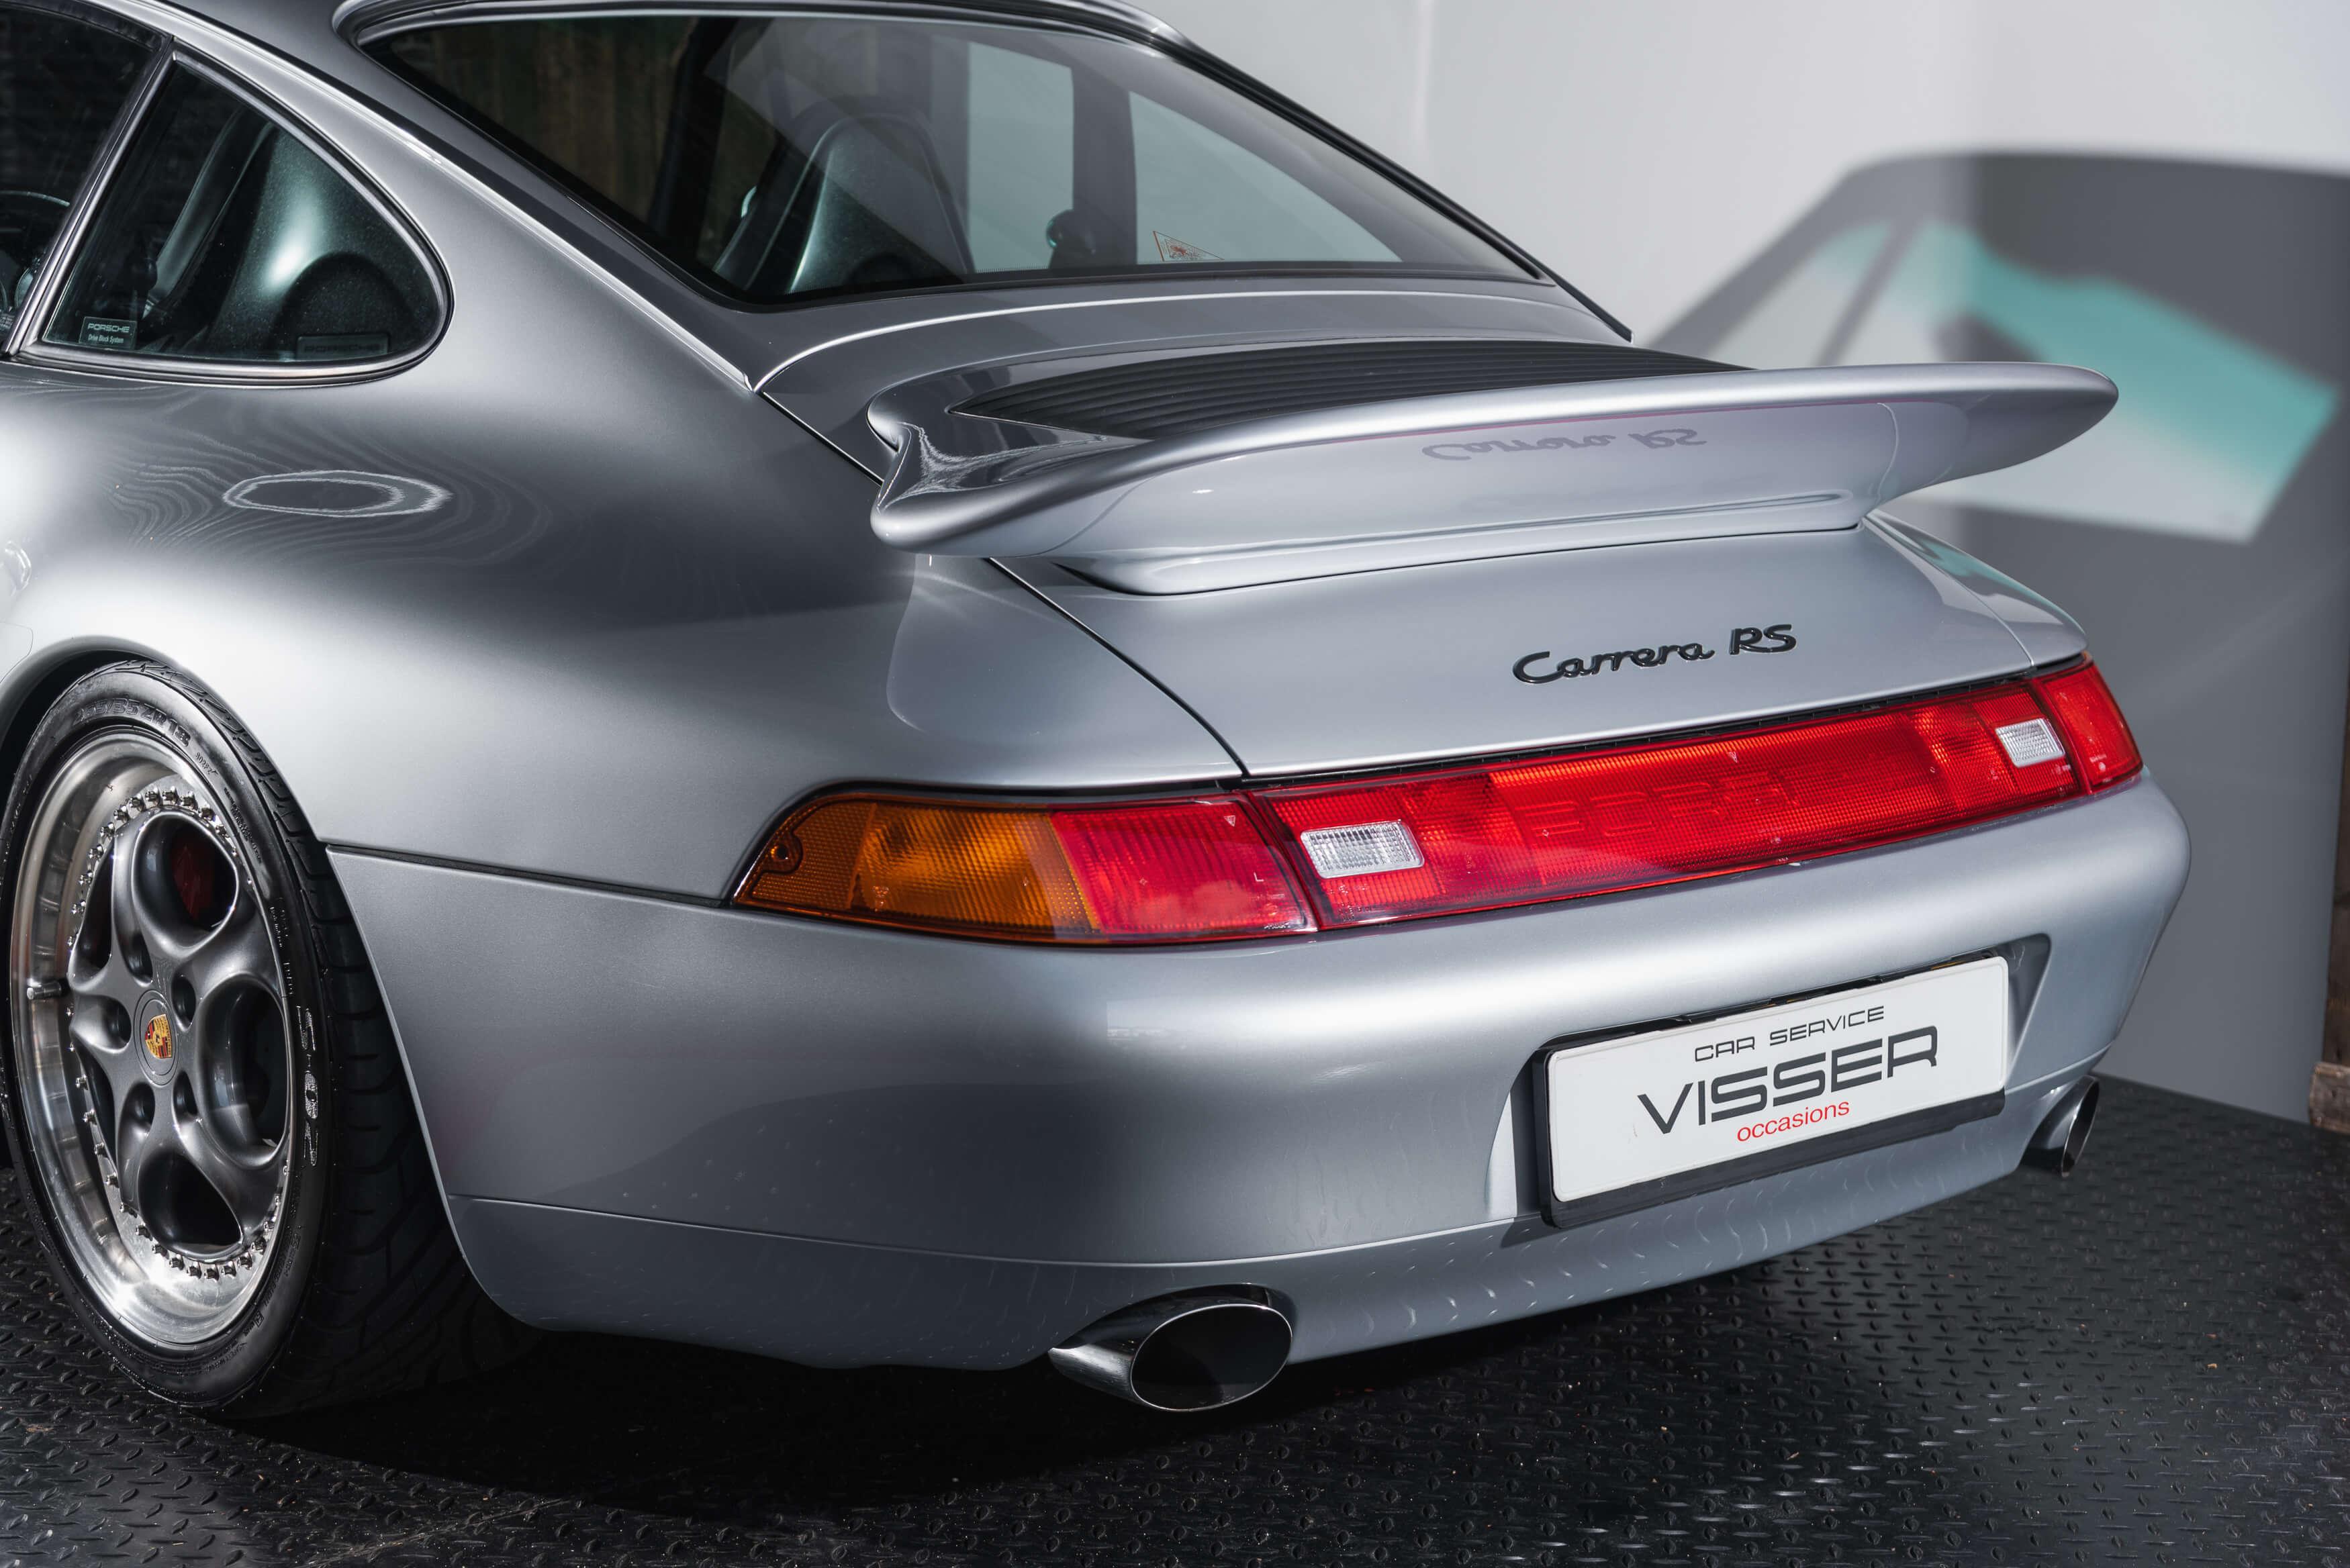 993 RS handgeschakeld Car Service Visser gespecialiseerd in Porsche - 11